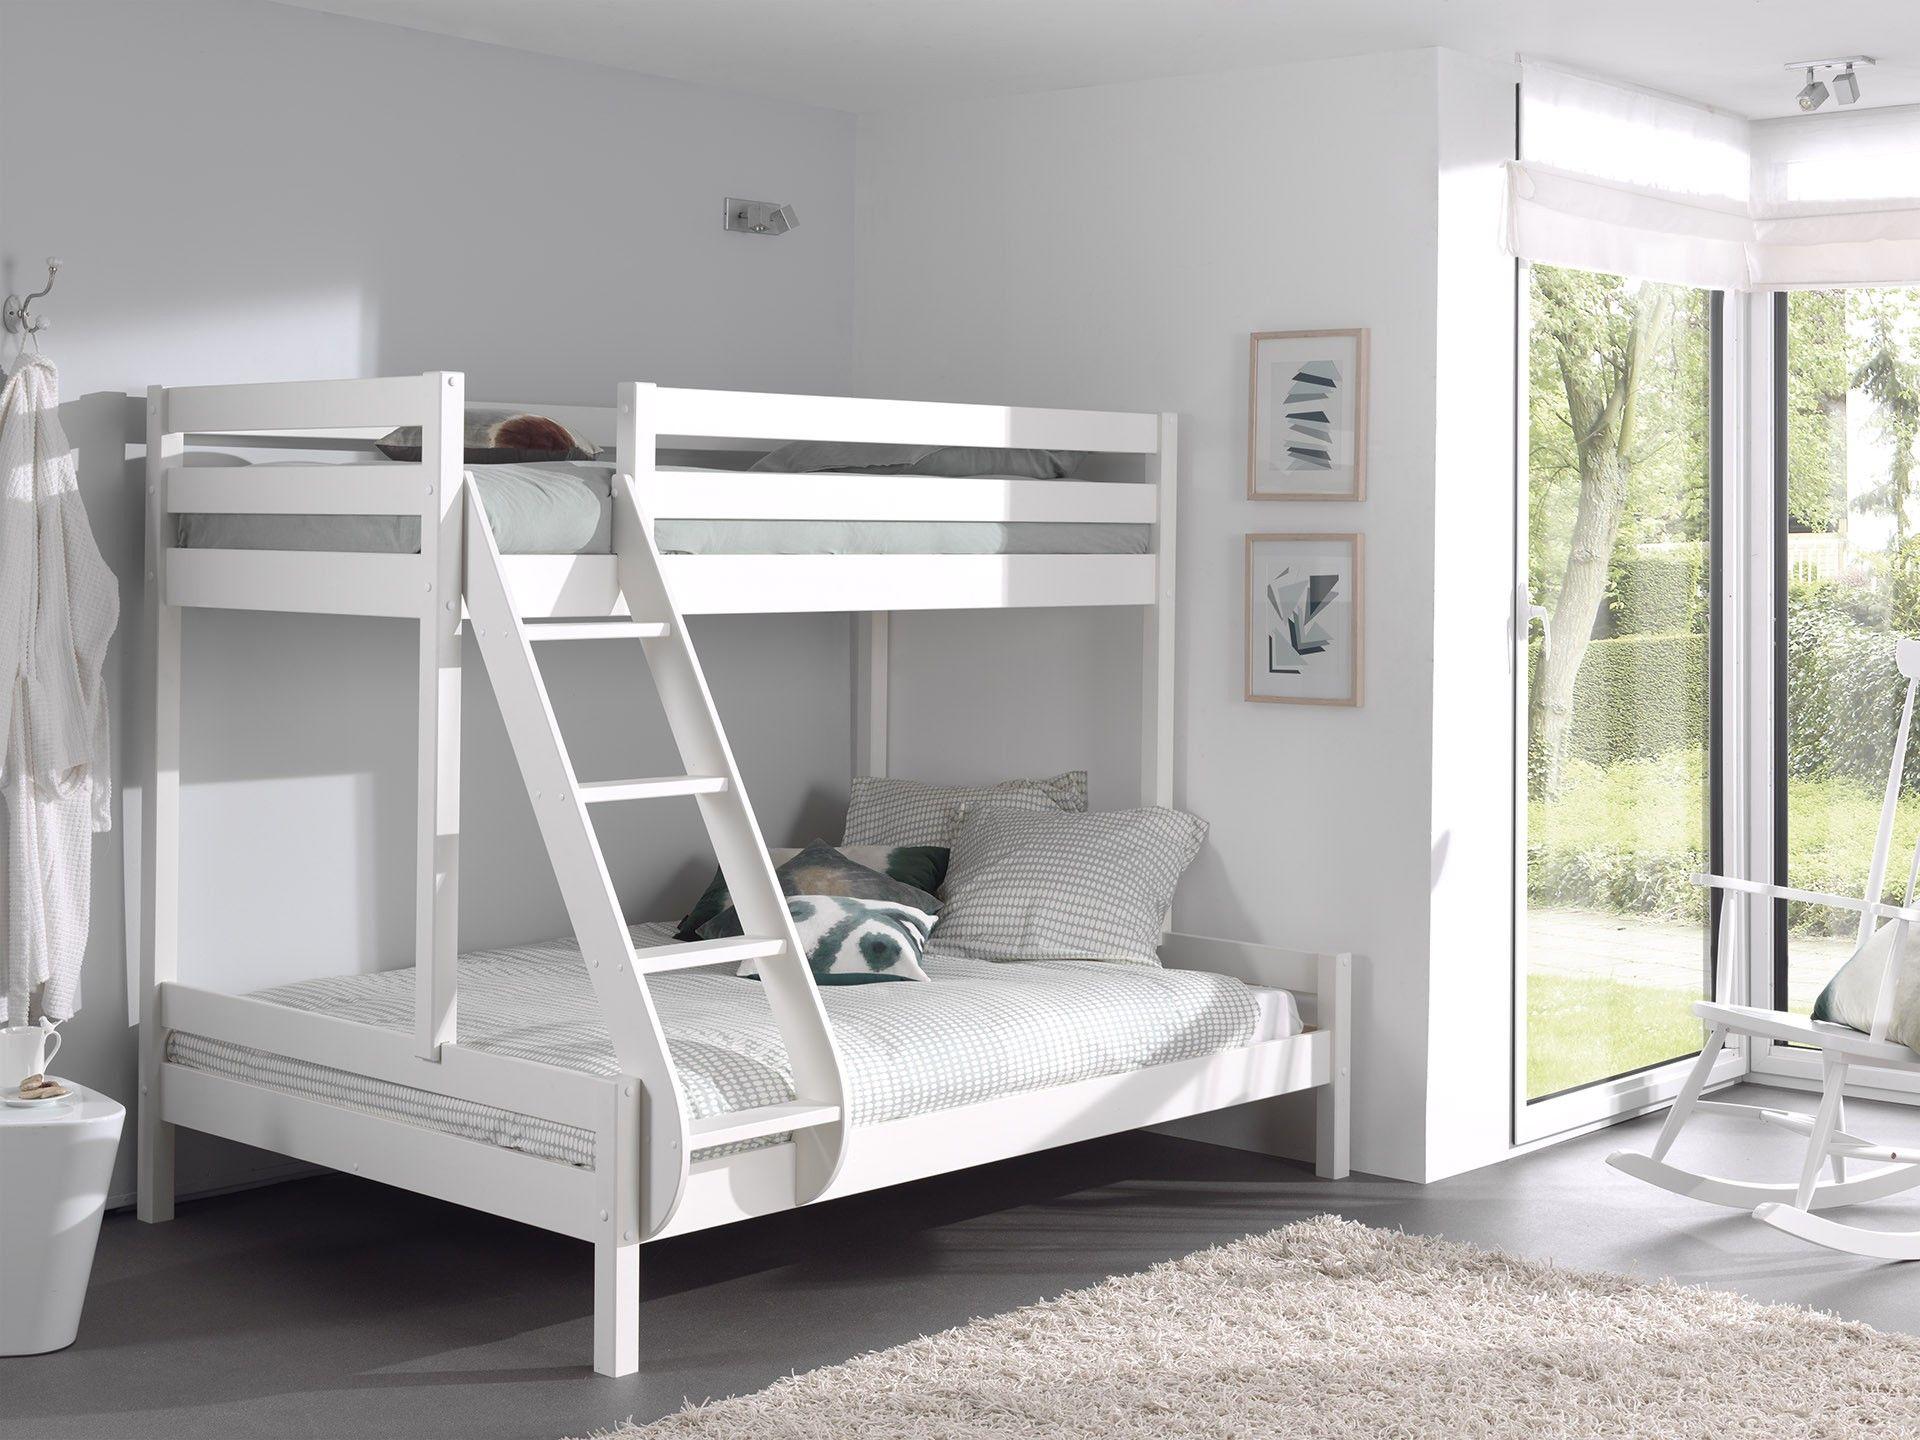 lit superpose triple pour 3 personnes bois blanc